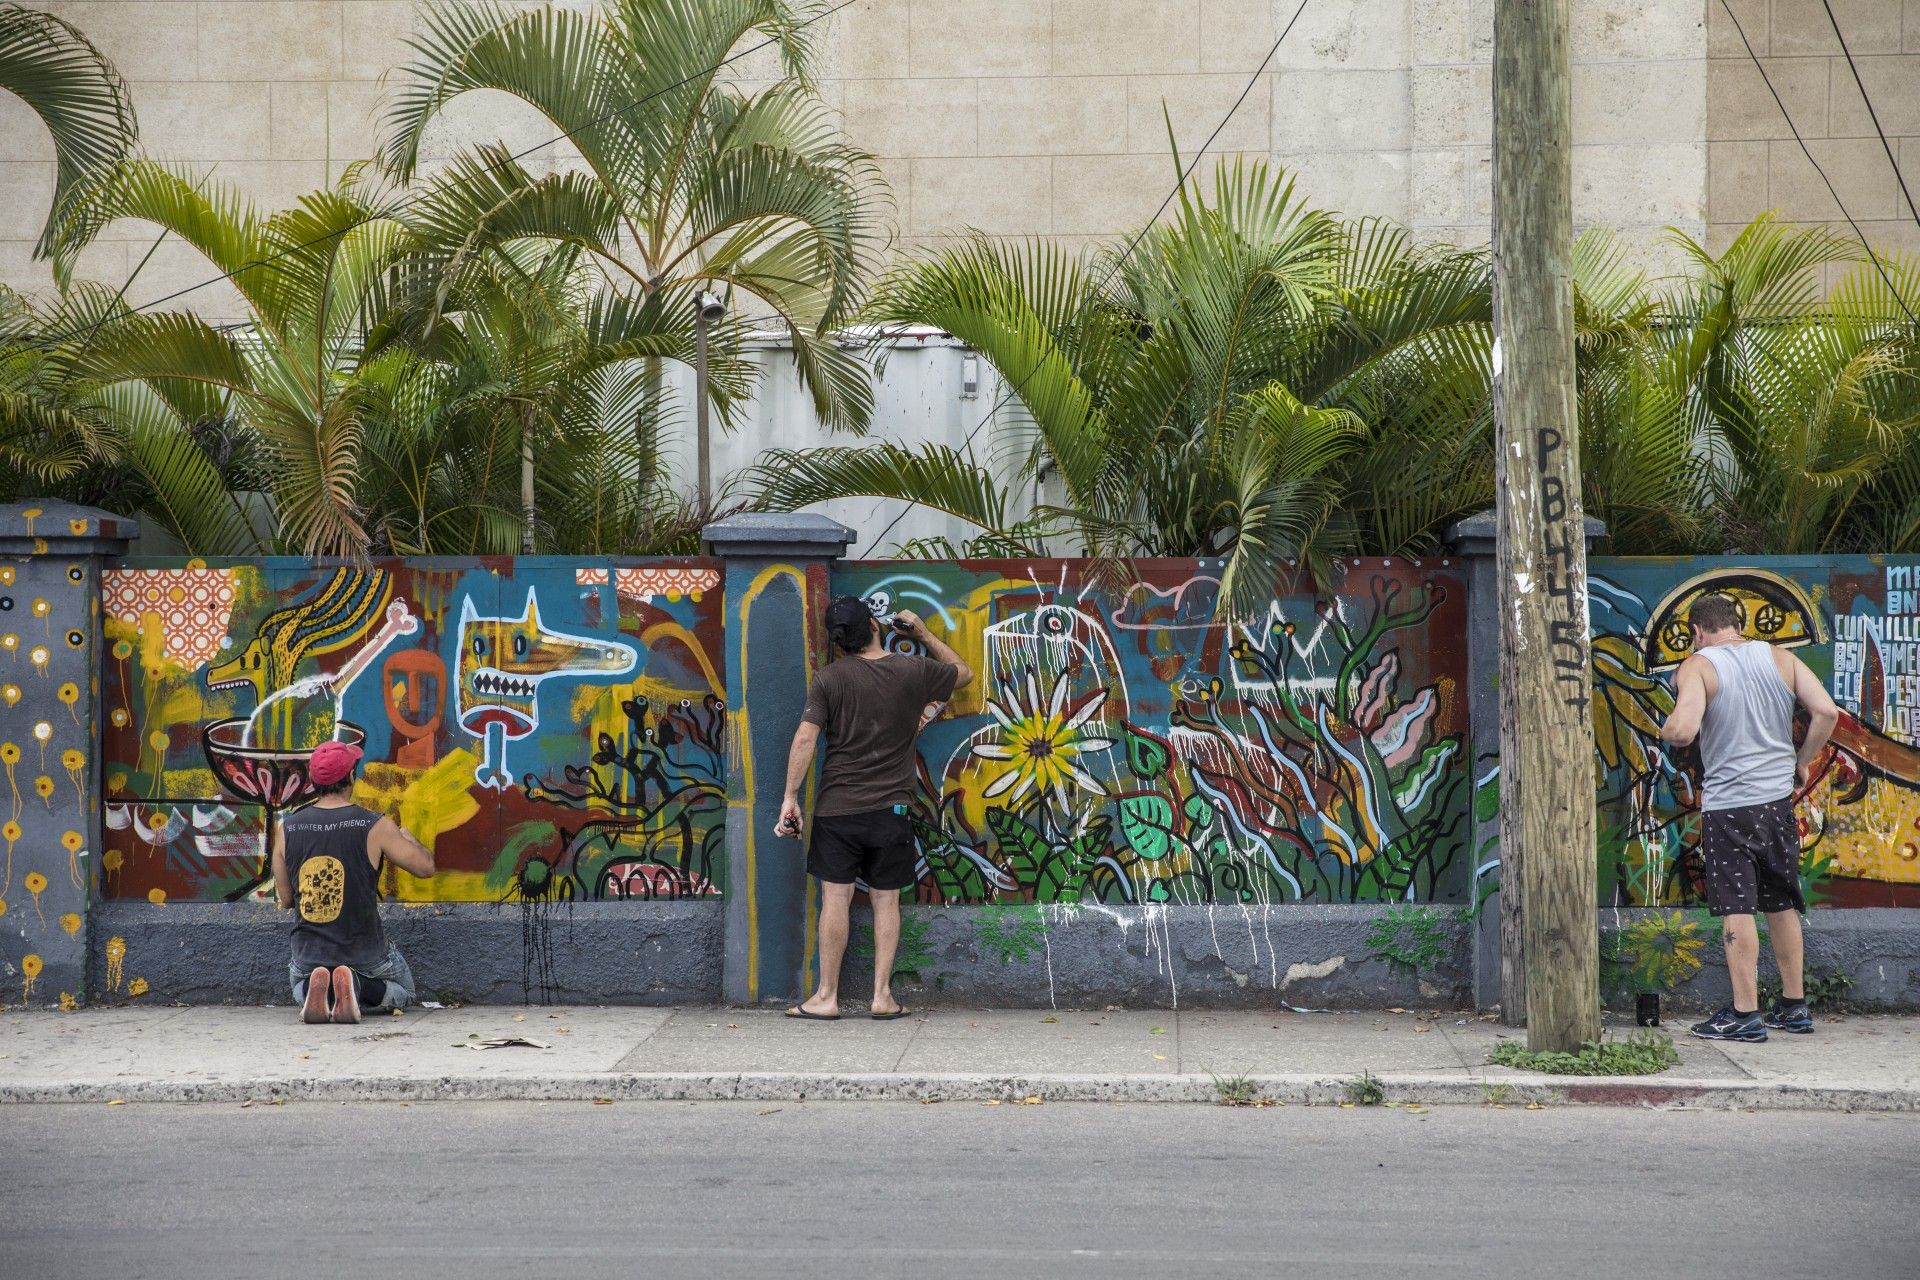 Artistas cubanos y brasileños pintando el mural del muro exterior de FAC. Foto: Cortesía FAC.